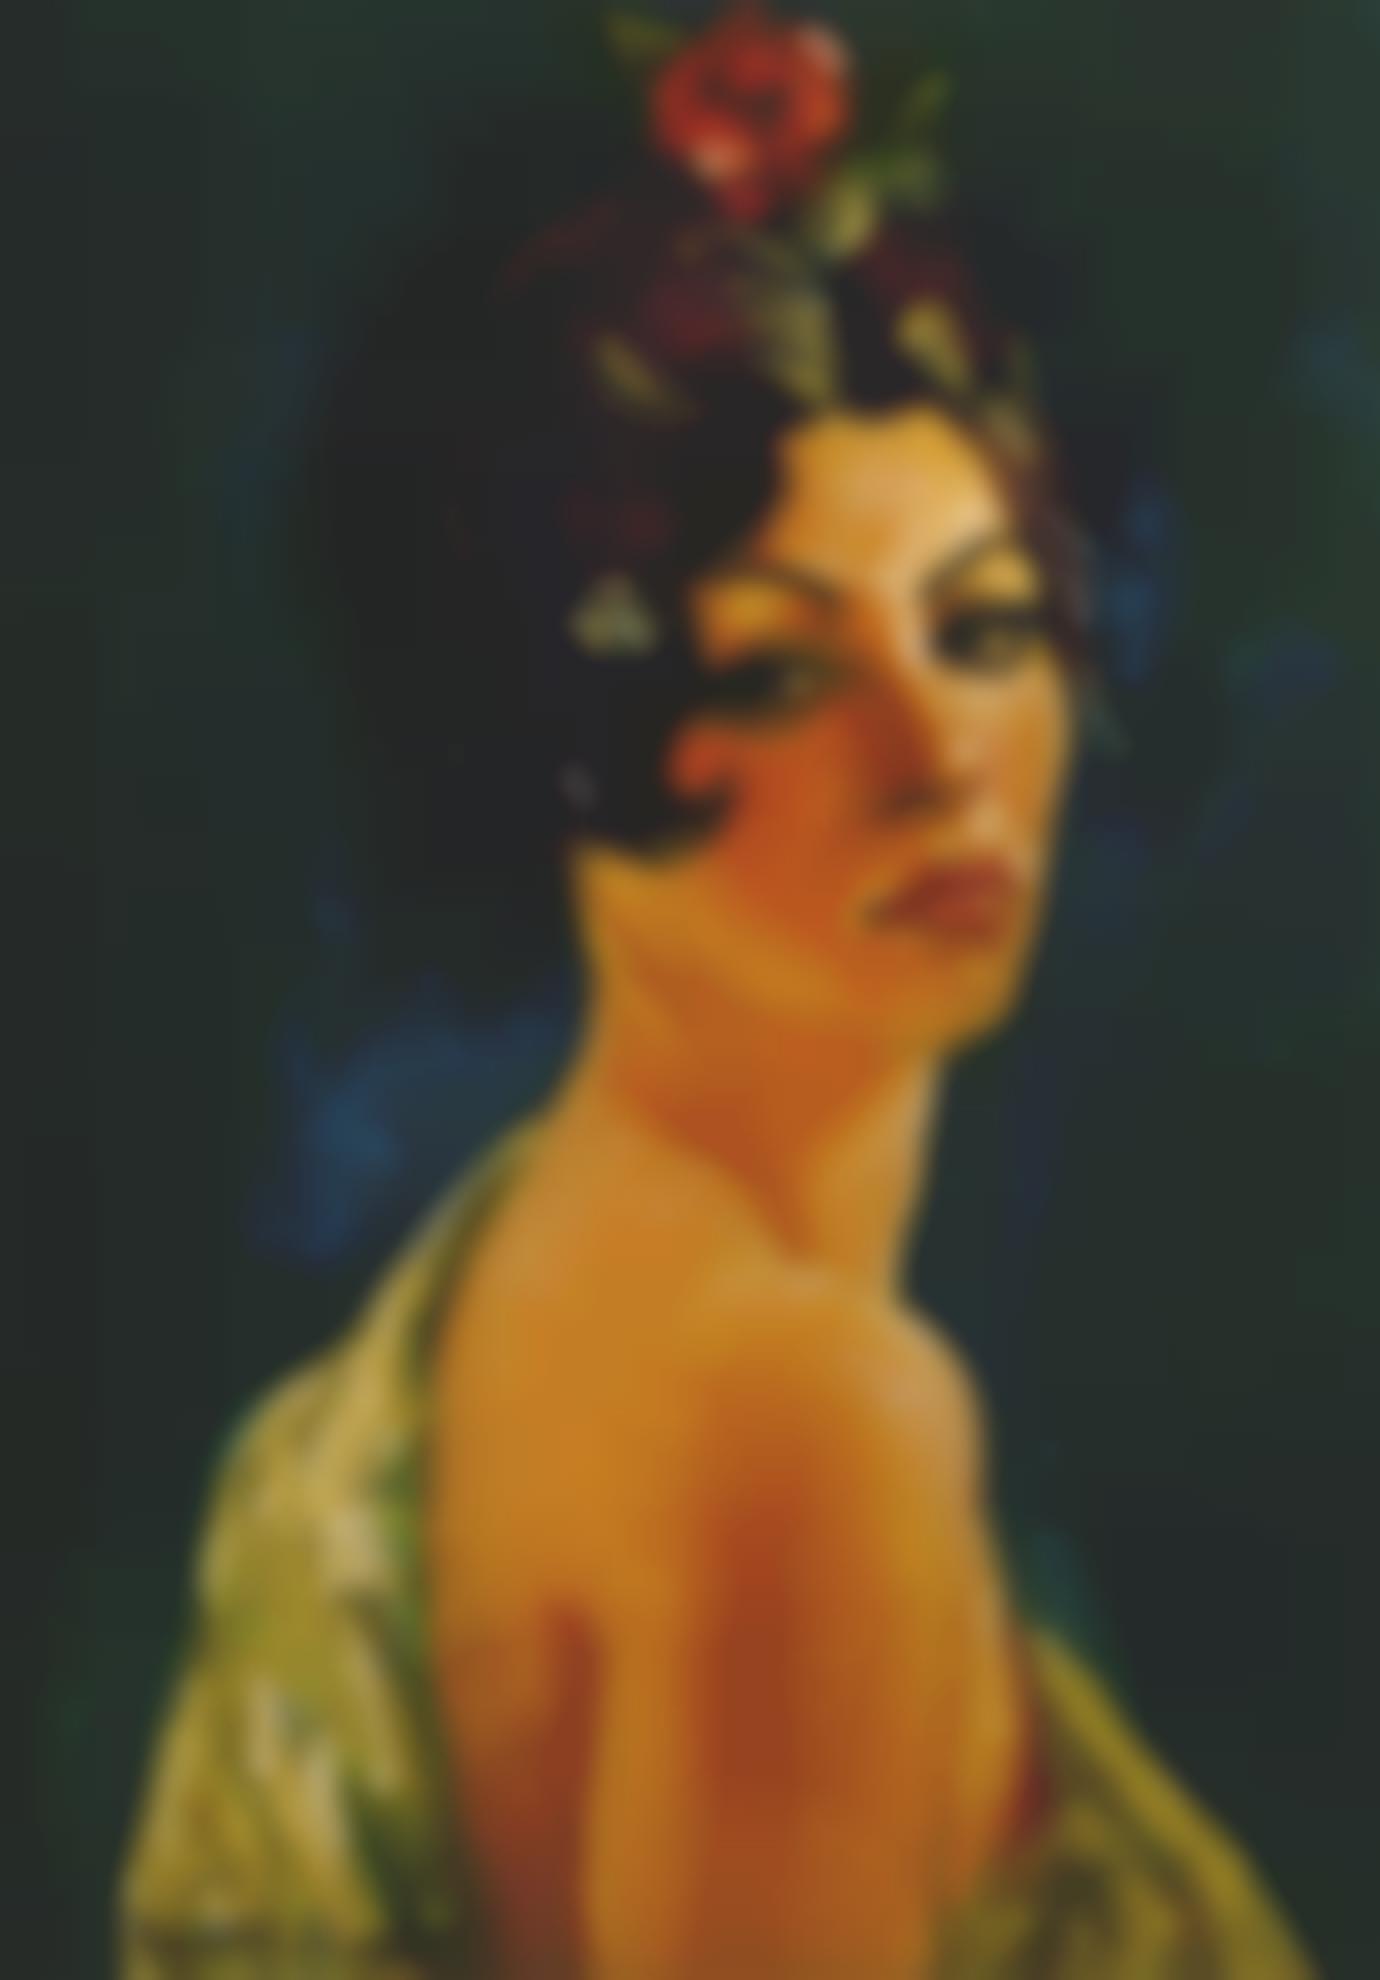 Francis Picabia-Espagnole-1942